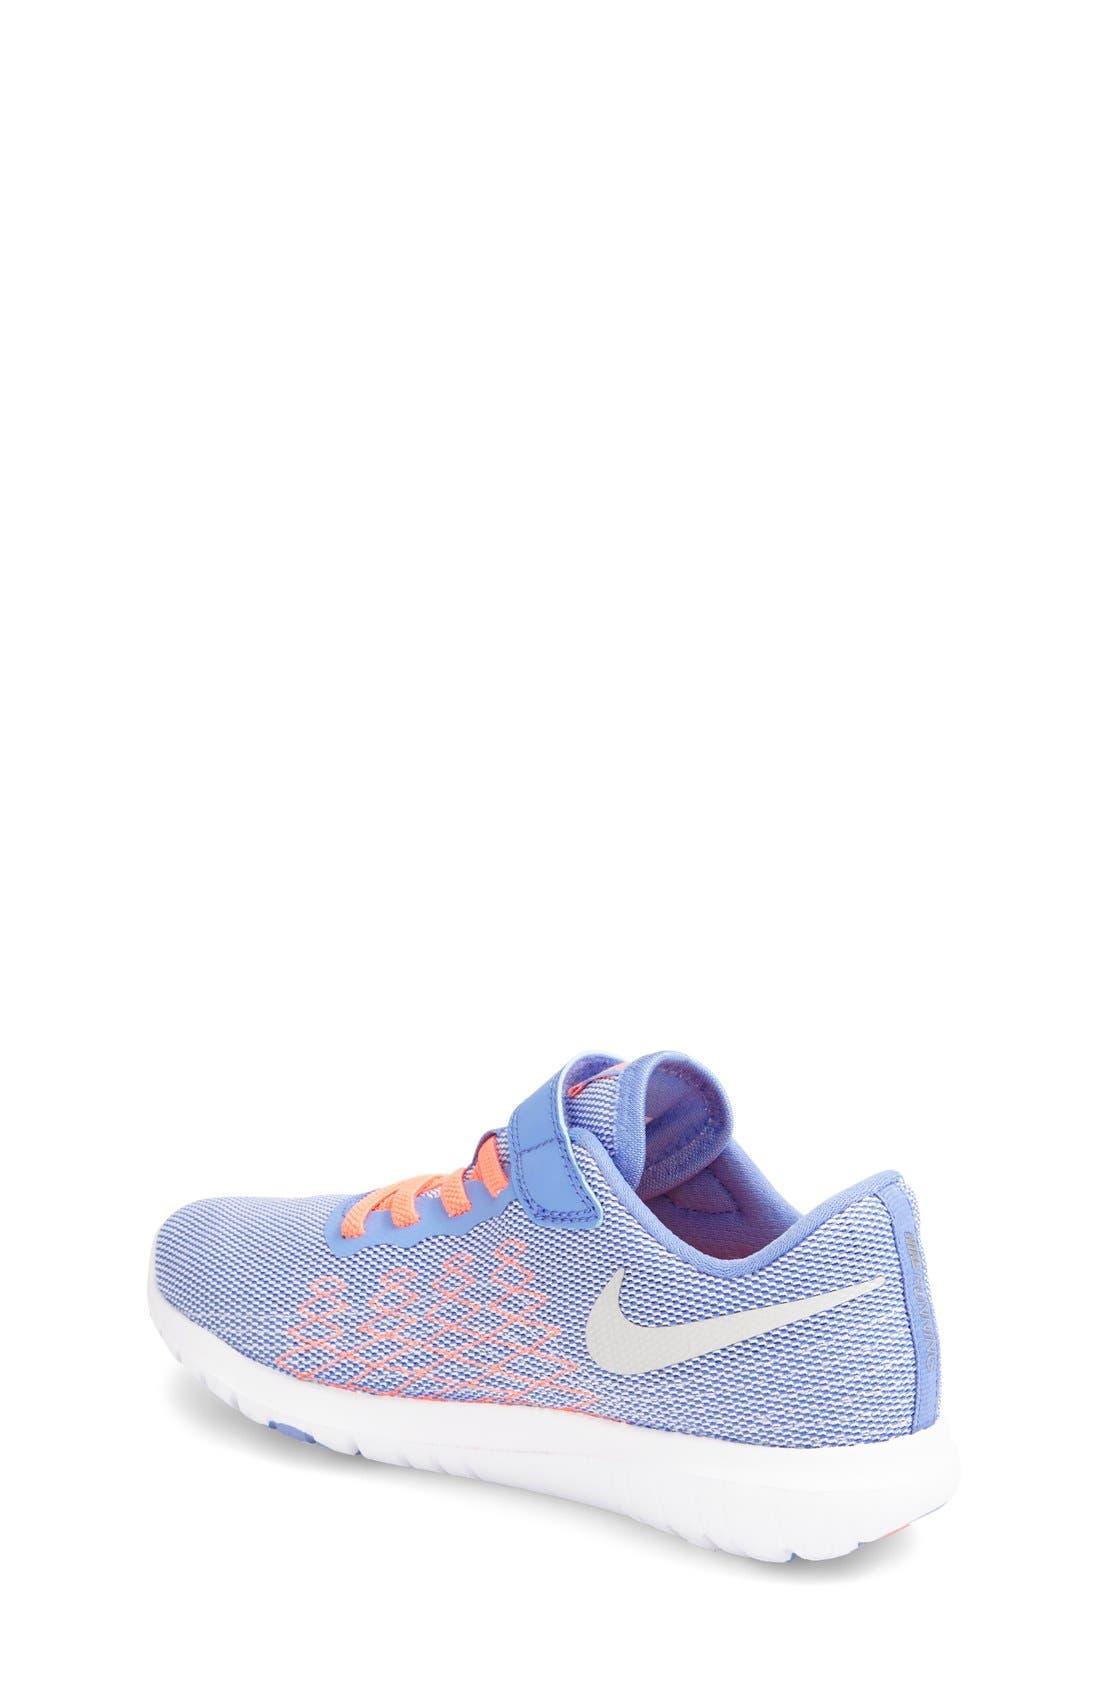 'Flex Fury 2' Athletic Shoe,                             Alternate thumbnail 2, color,                             Chalk Blue/ White